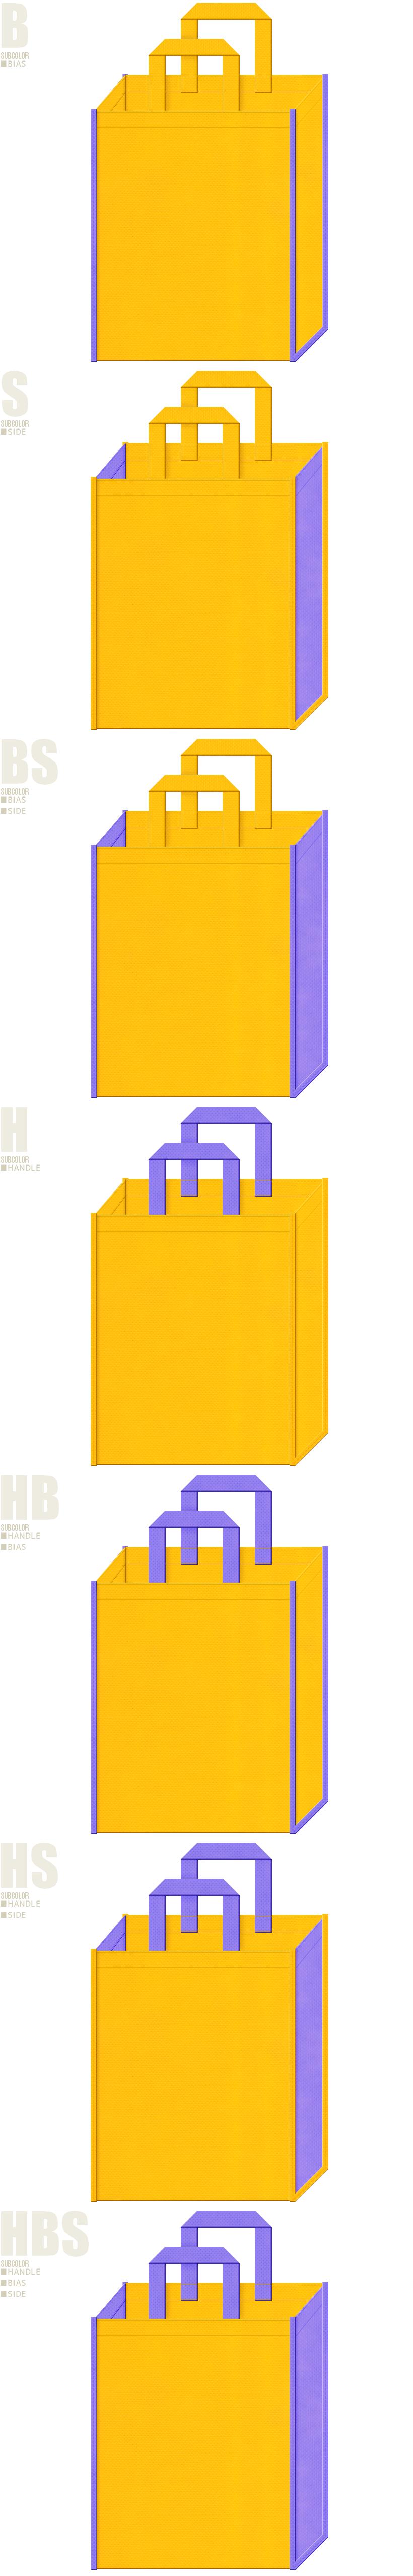 黄色と明るめの紫色、7パターンの不織布トートバッグ配色デザイン例。